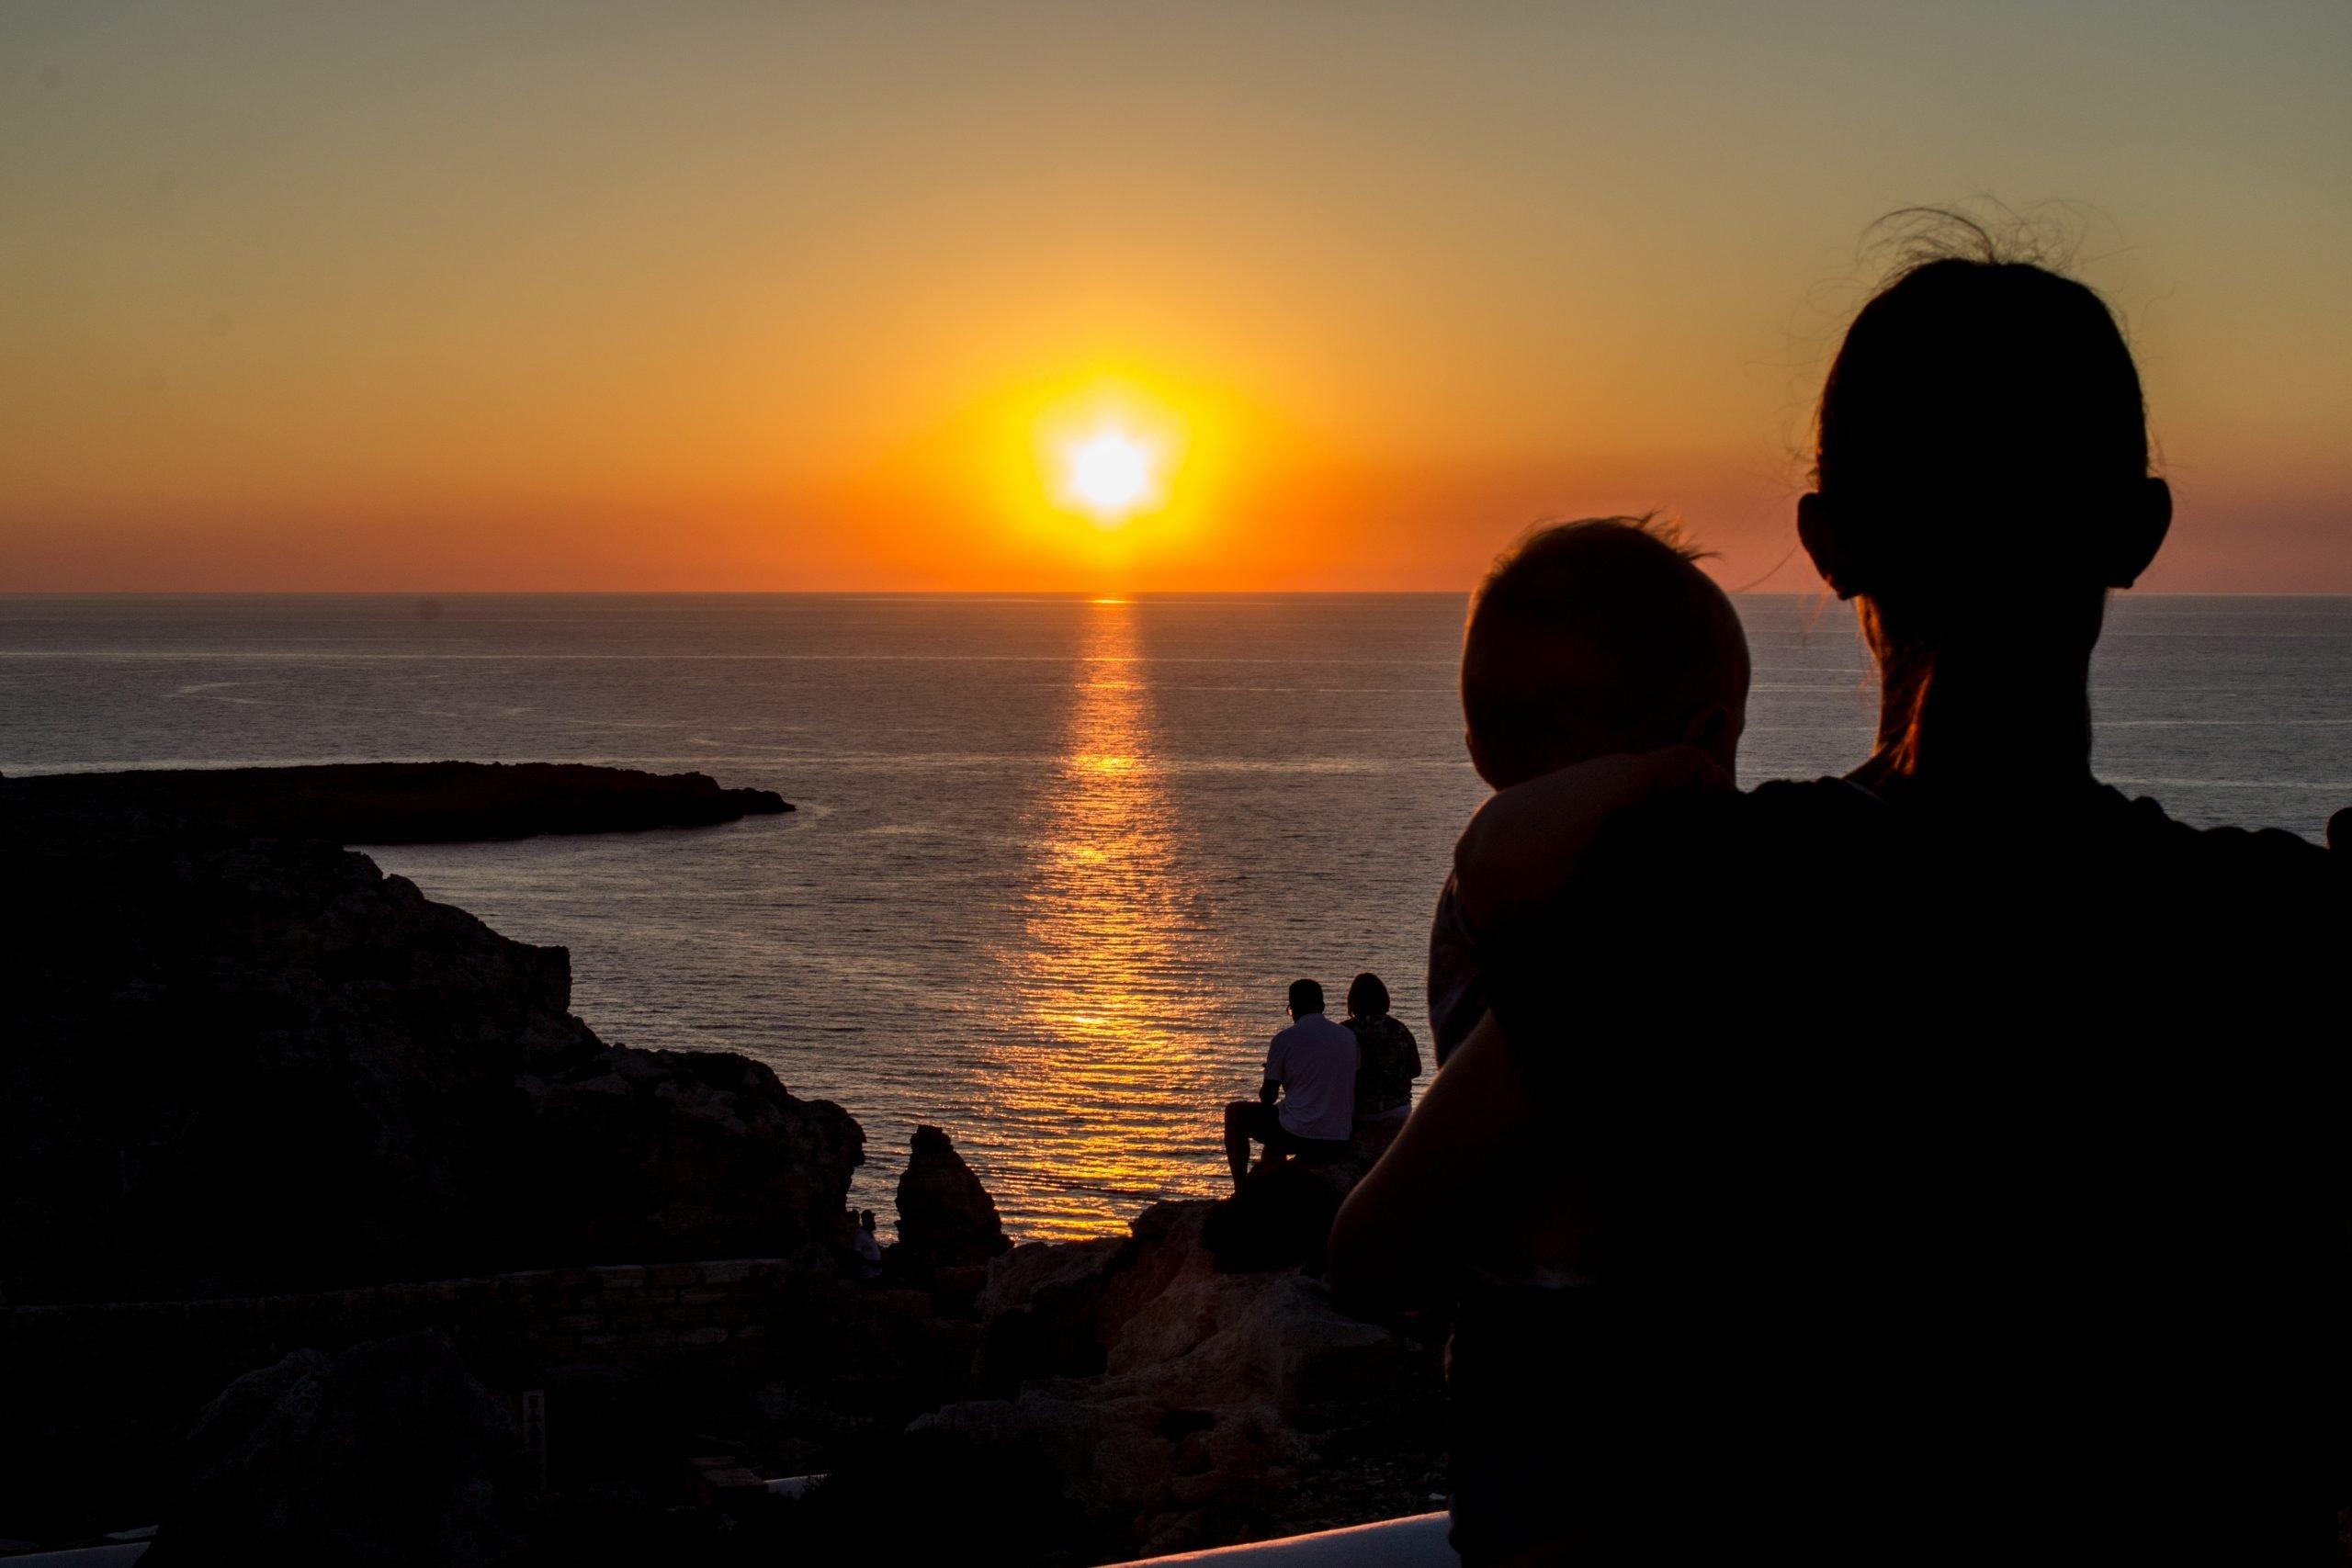 tramonto faro Cap de Cavalleria con bambini, cosa vedere in viaggio a minorca